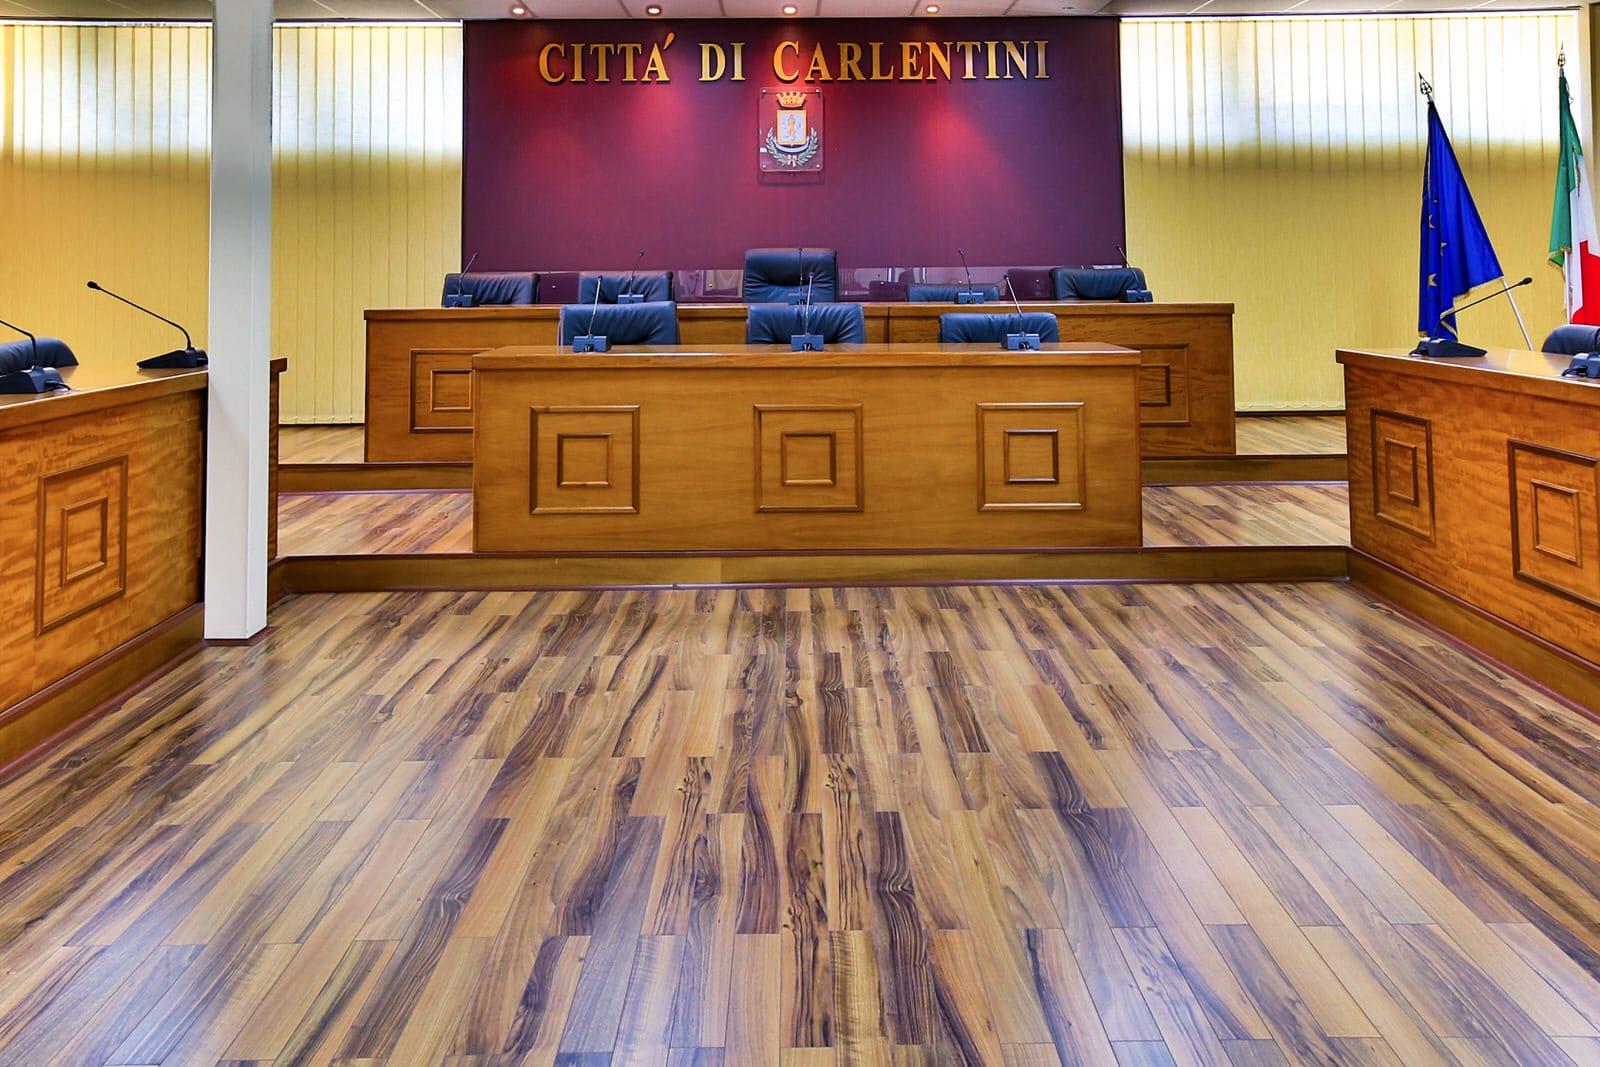 aula consiliare delle riunioni del comune di carlentini